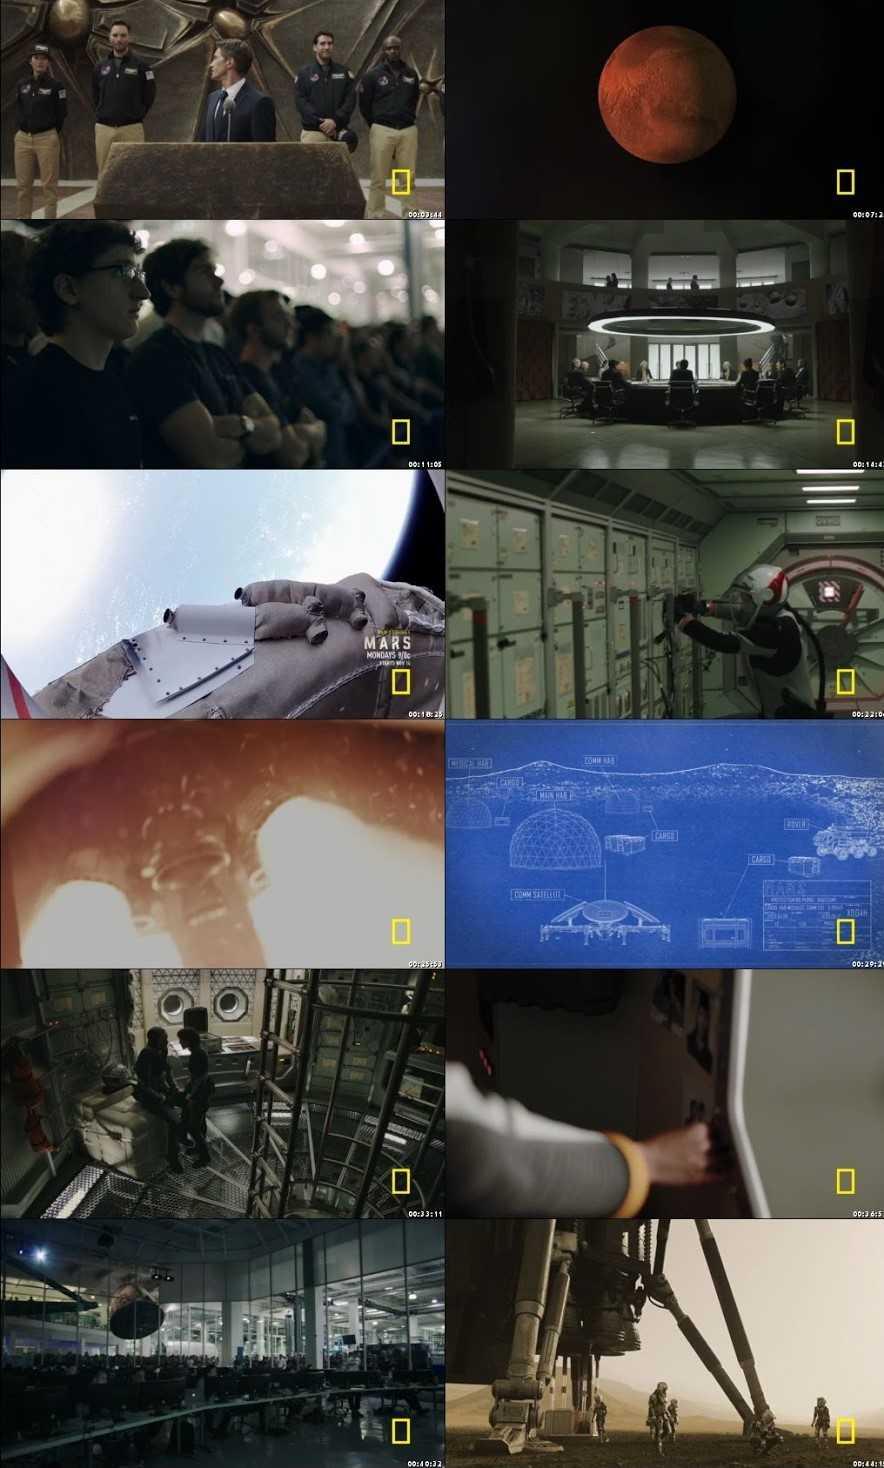 Mars 2016 Complete S01 Screenshot